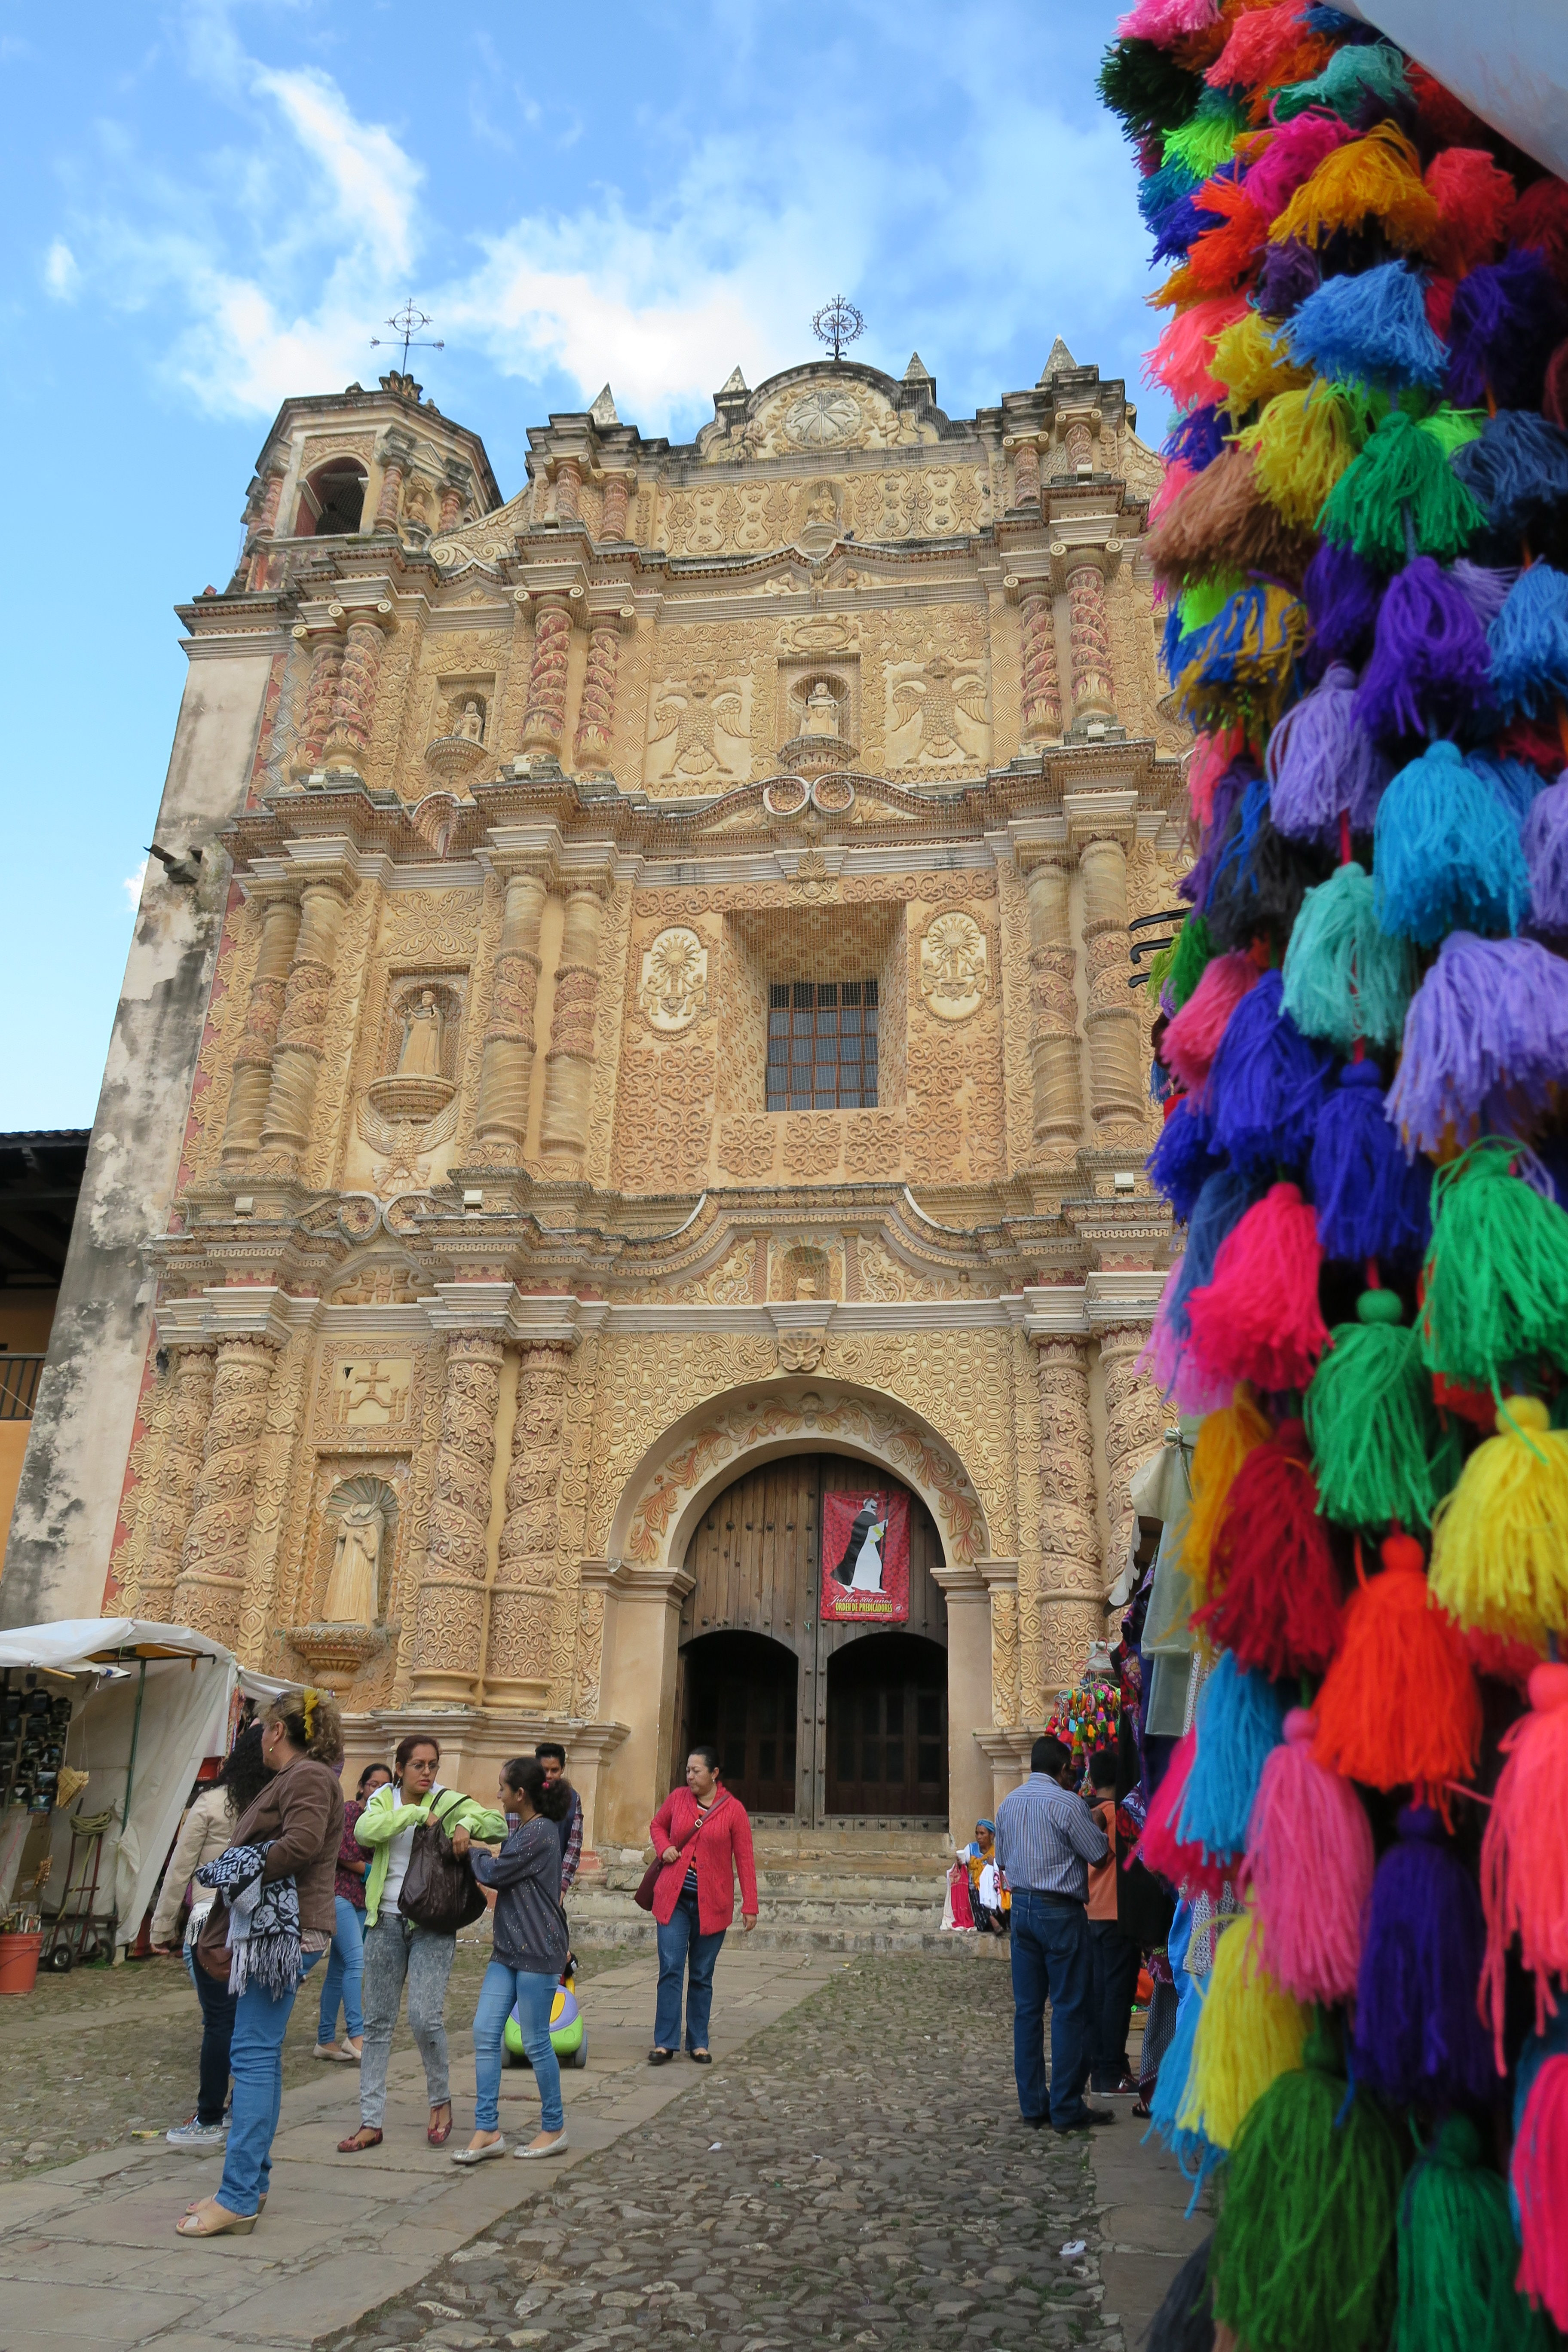 Entrée d'une église au style baroque de San Cristobal dans l'état de las Chiapas au Mexique